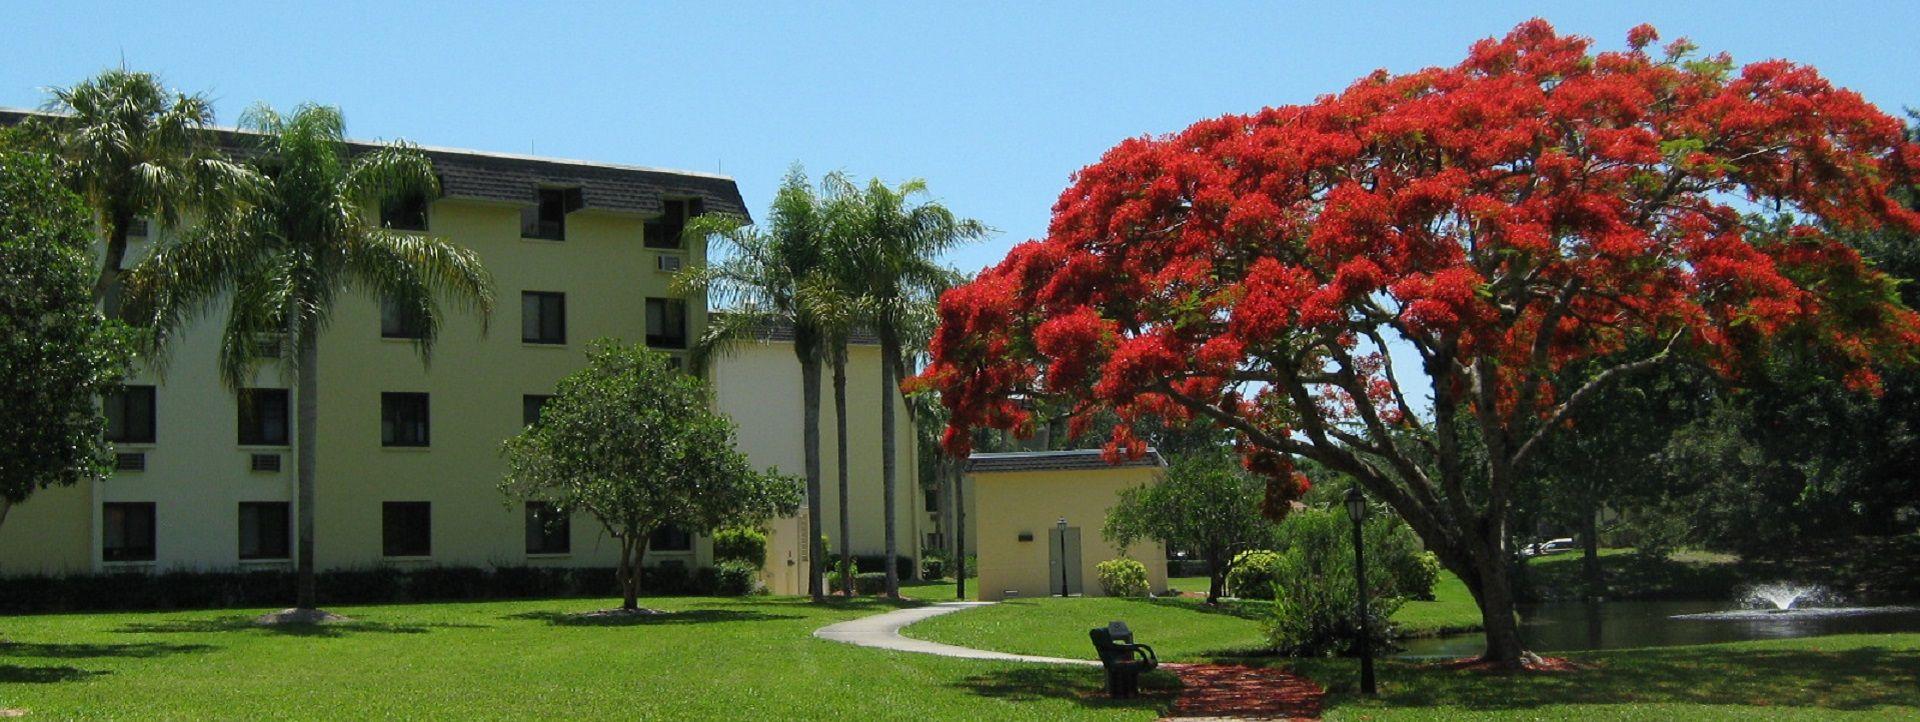 Goodlette Arms Apartments Hud Elderly Divine Naples Business Directory Goodlette Arms Apartments Hud Elderly 950 Florida Local Apartment Communities Naples